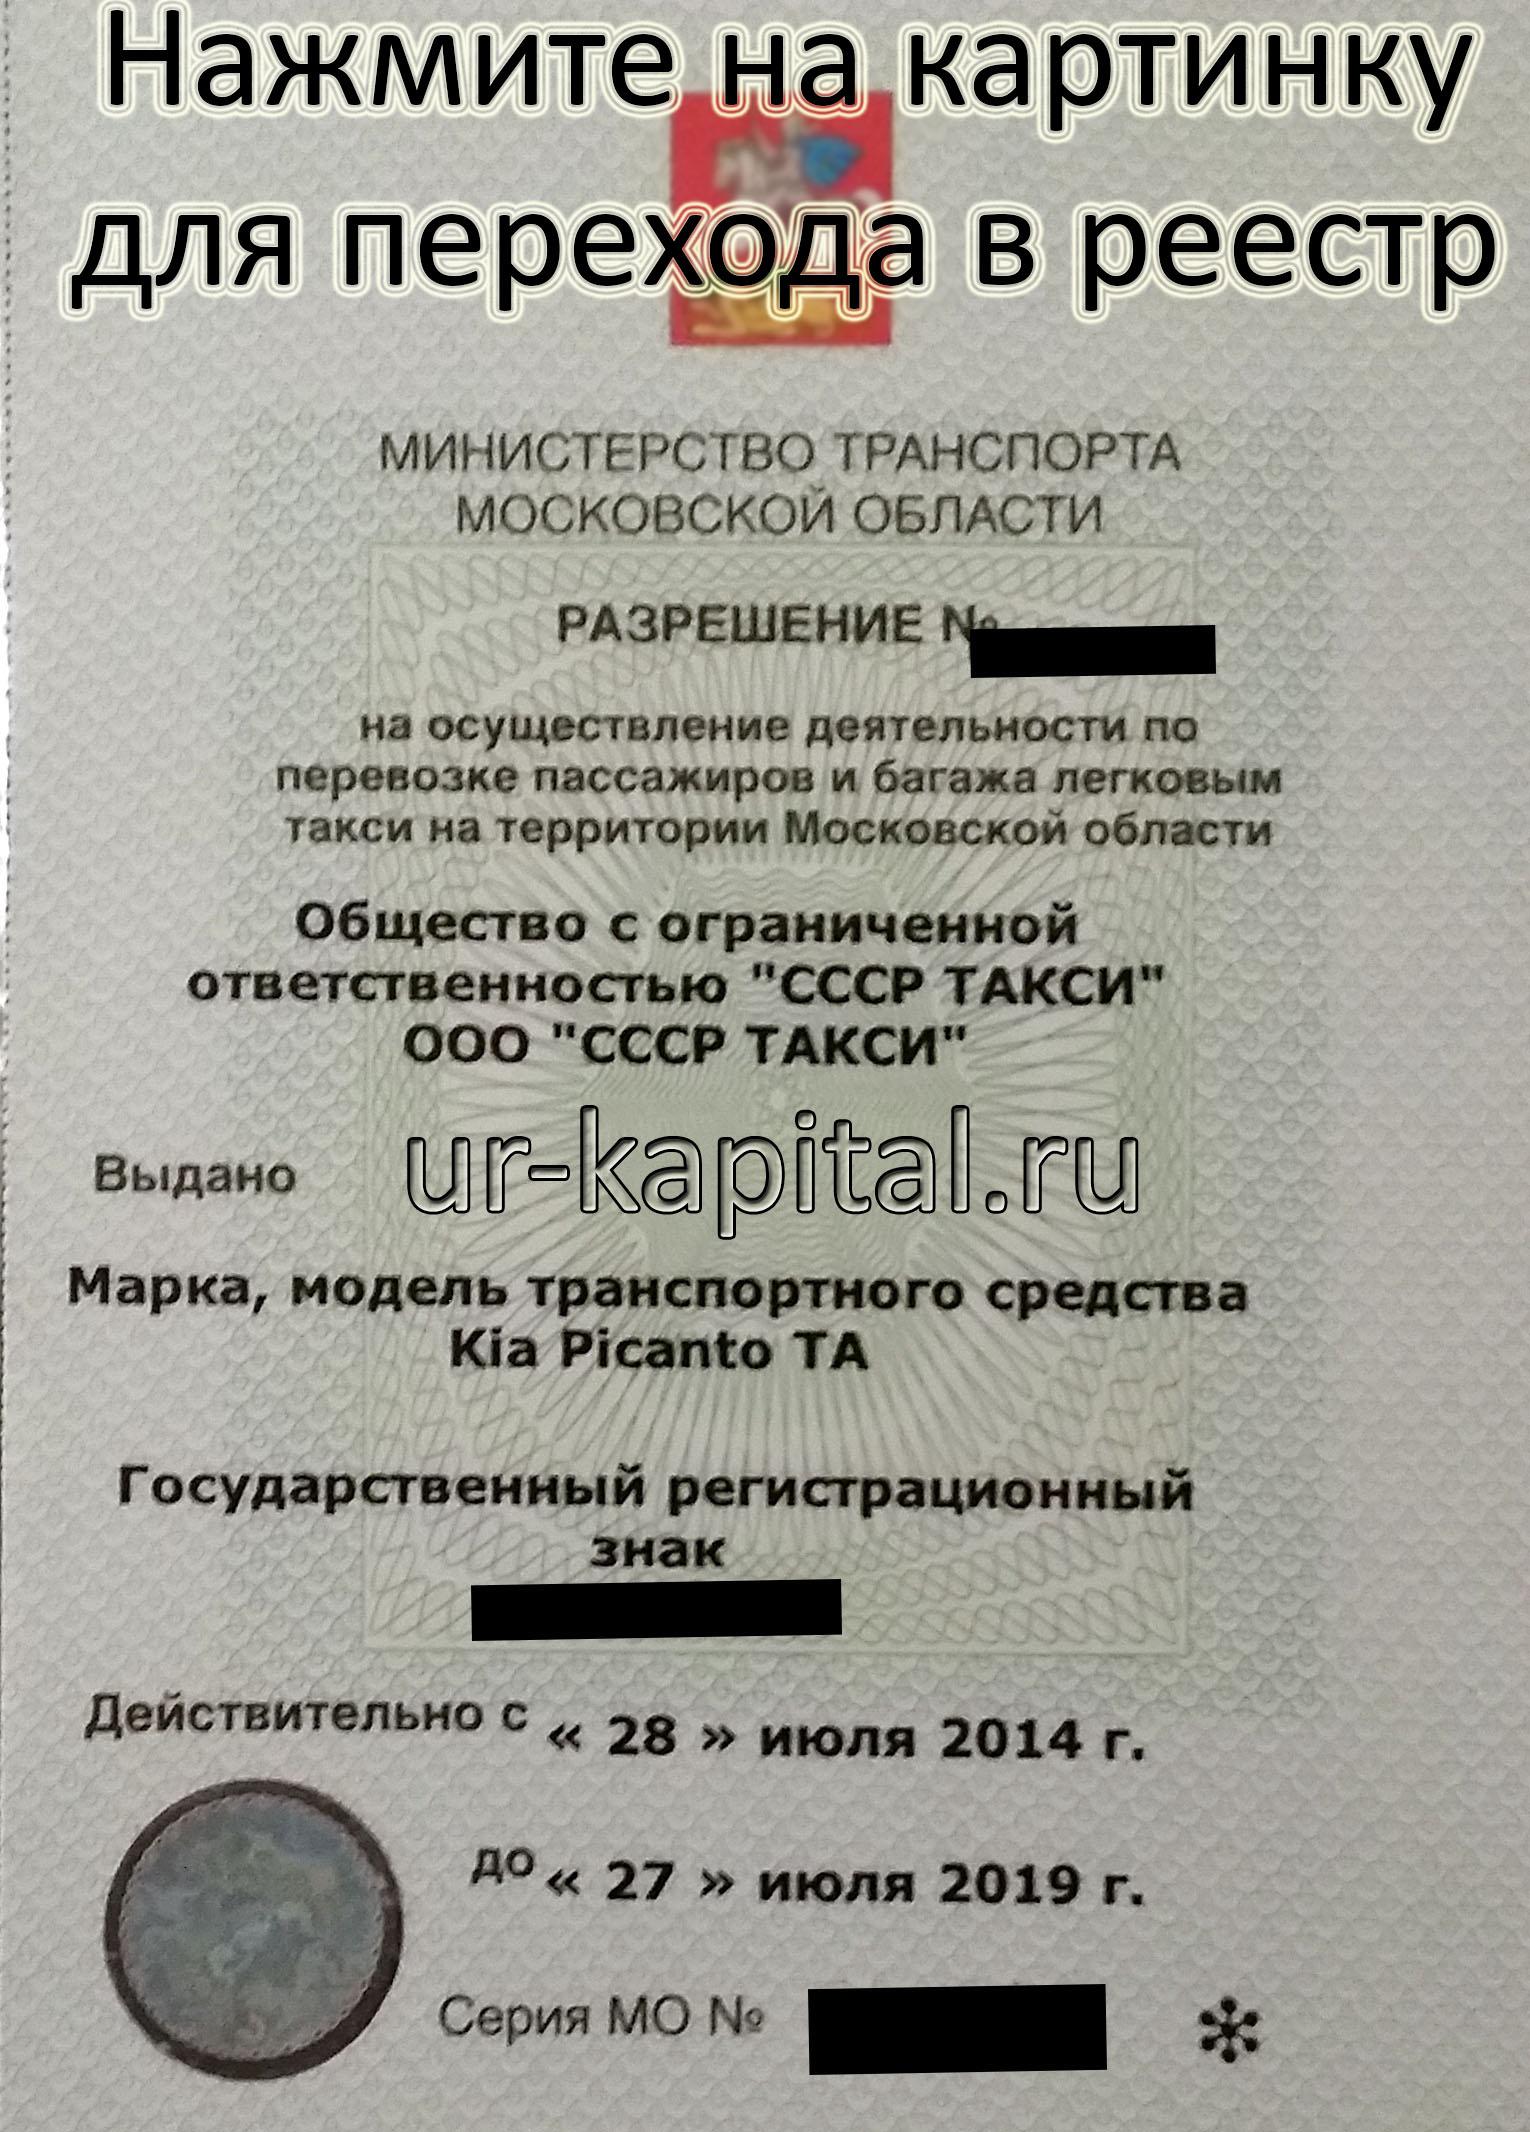 реестр такси Министерства транспорта Московской Области